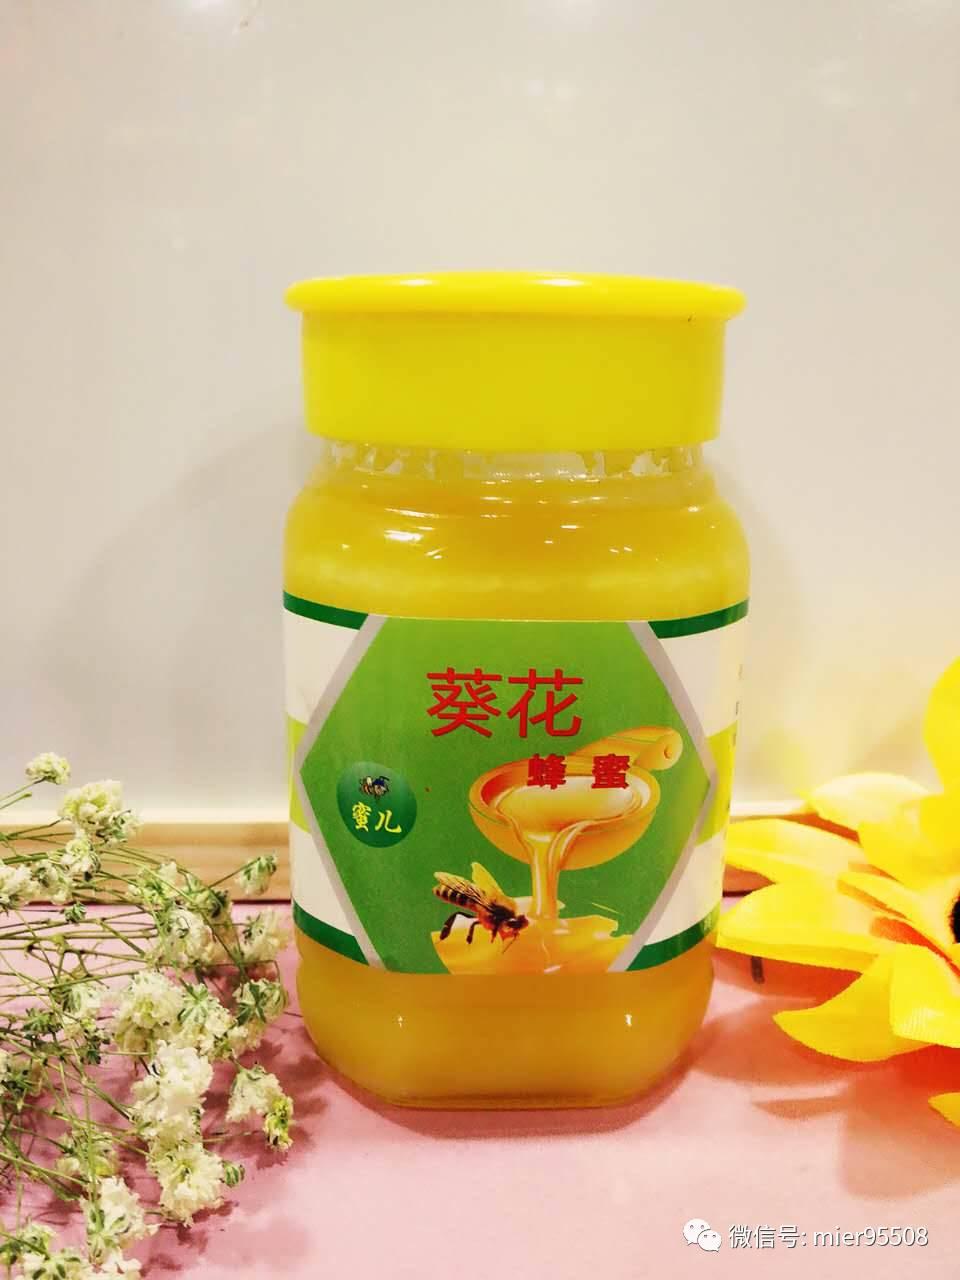 历史 两岁宝宝能喝蜂蜜水吗 蜂蜜有什么好处 蜂蜜炒椰肉 beevital蜂蜜